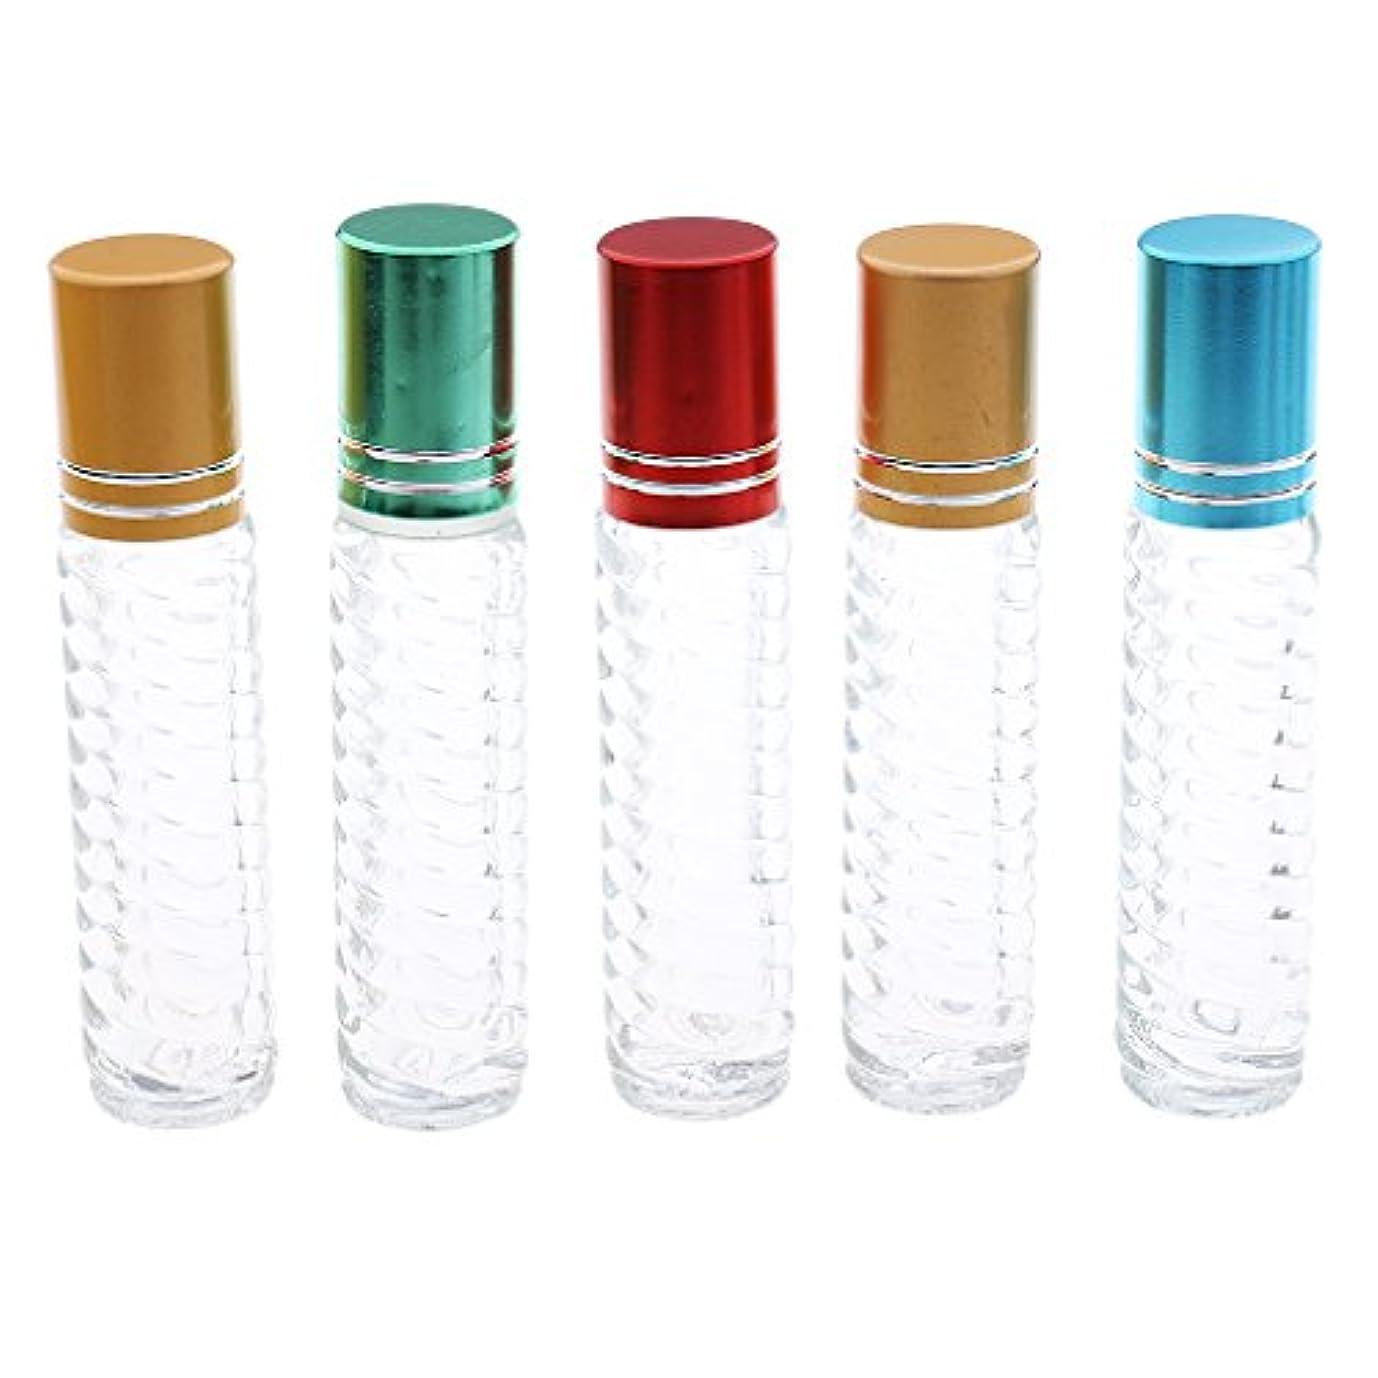 恐れる宿泊施設グラフィックFenteer 5個 詰め替え可能 ガラス ロールオン 香水ボトル 旅行 空 エッセンシャルオイル ボトル 5ml